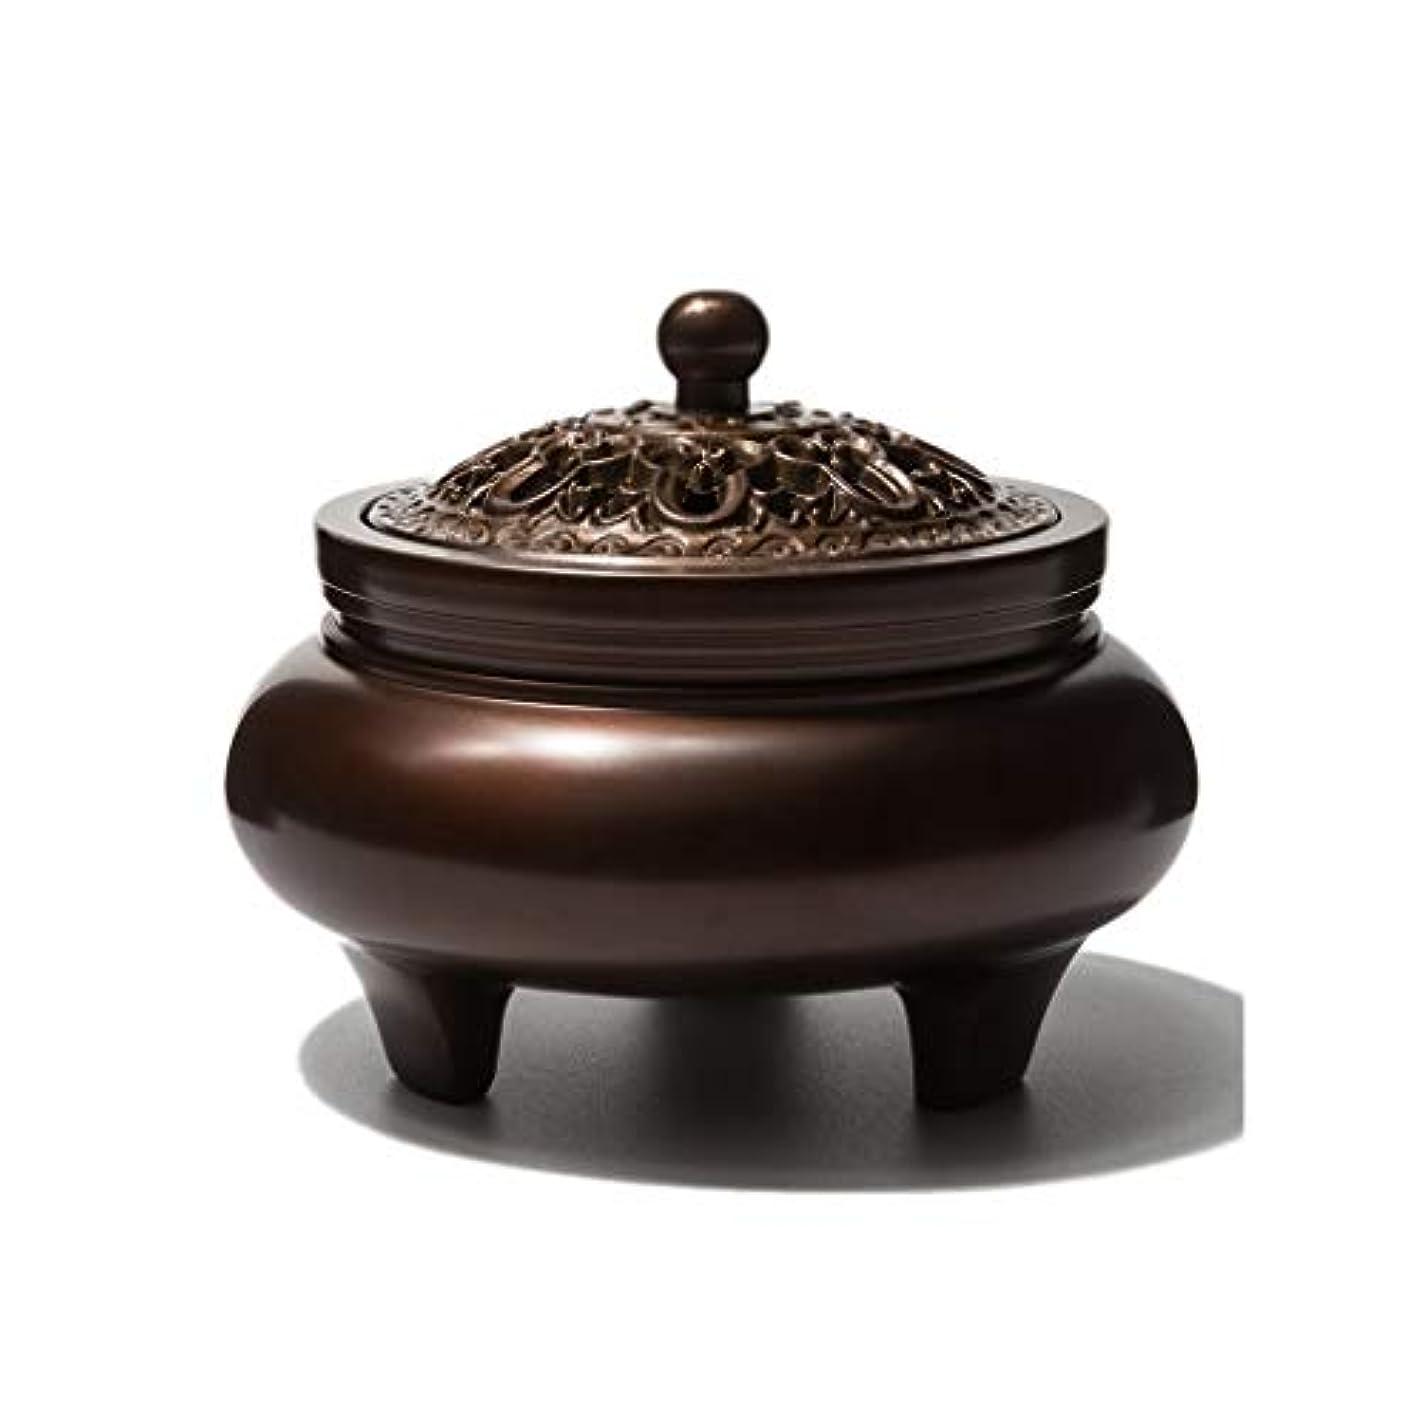 魂高齢者協定ホームアロマバーナー 銅香バーナーアロマテラピーホルダー純粋な銅茶道白檀炉屋内香バーナーレトロノスタルジア11.5センチ* 7.8センチ* 9センチ アロマバーナー